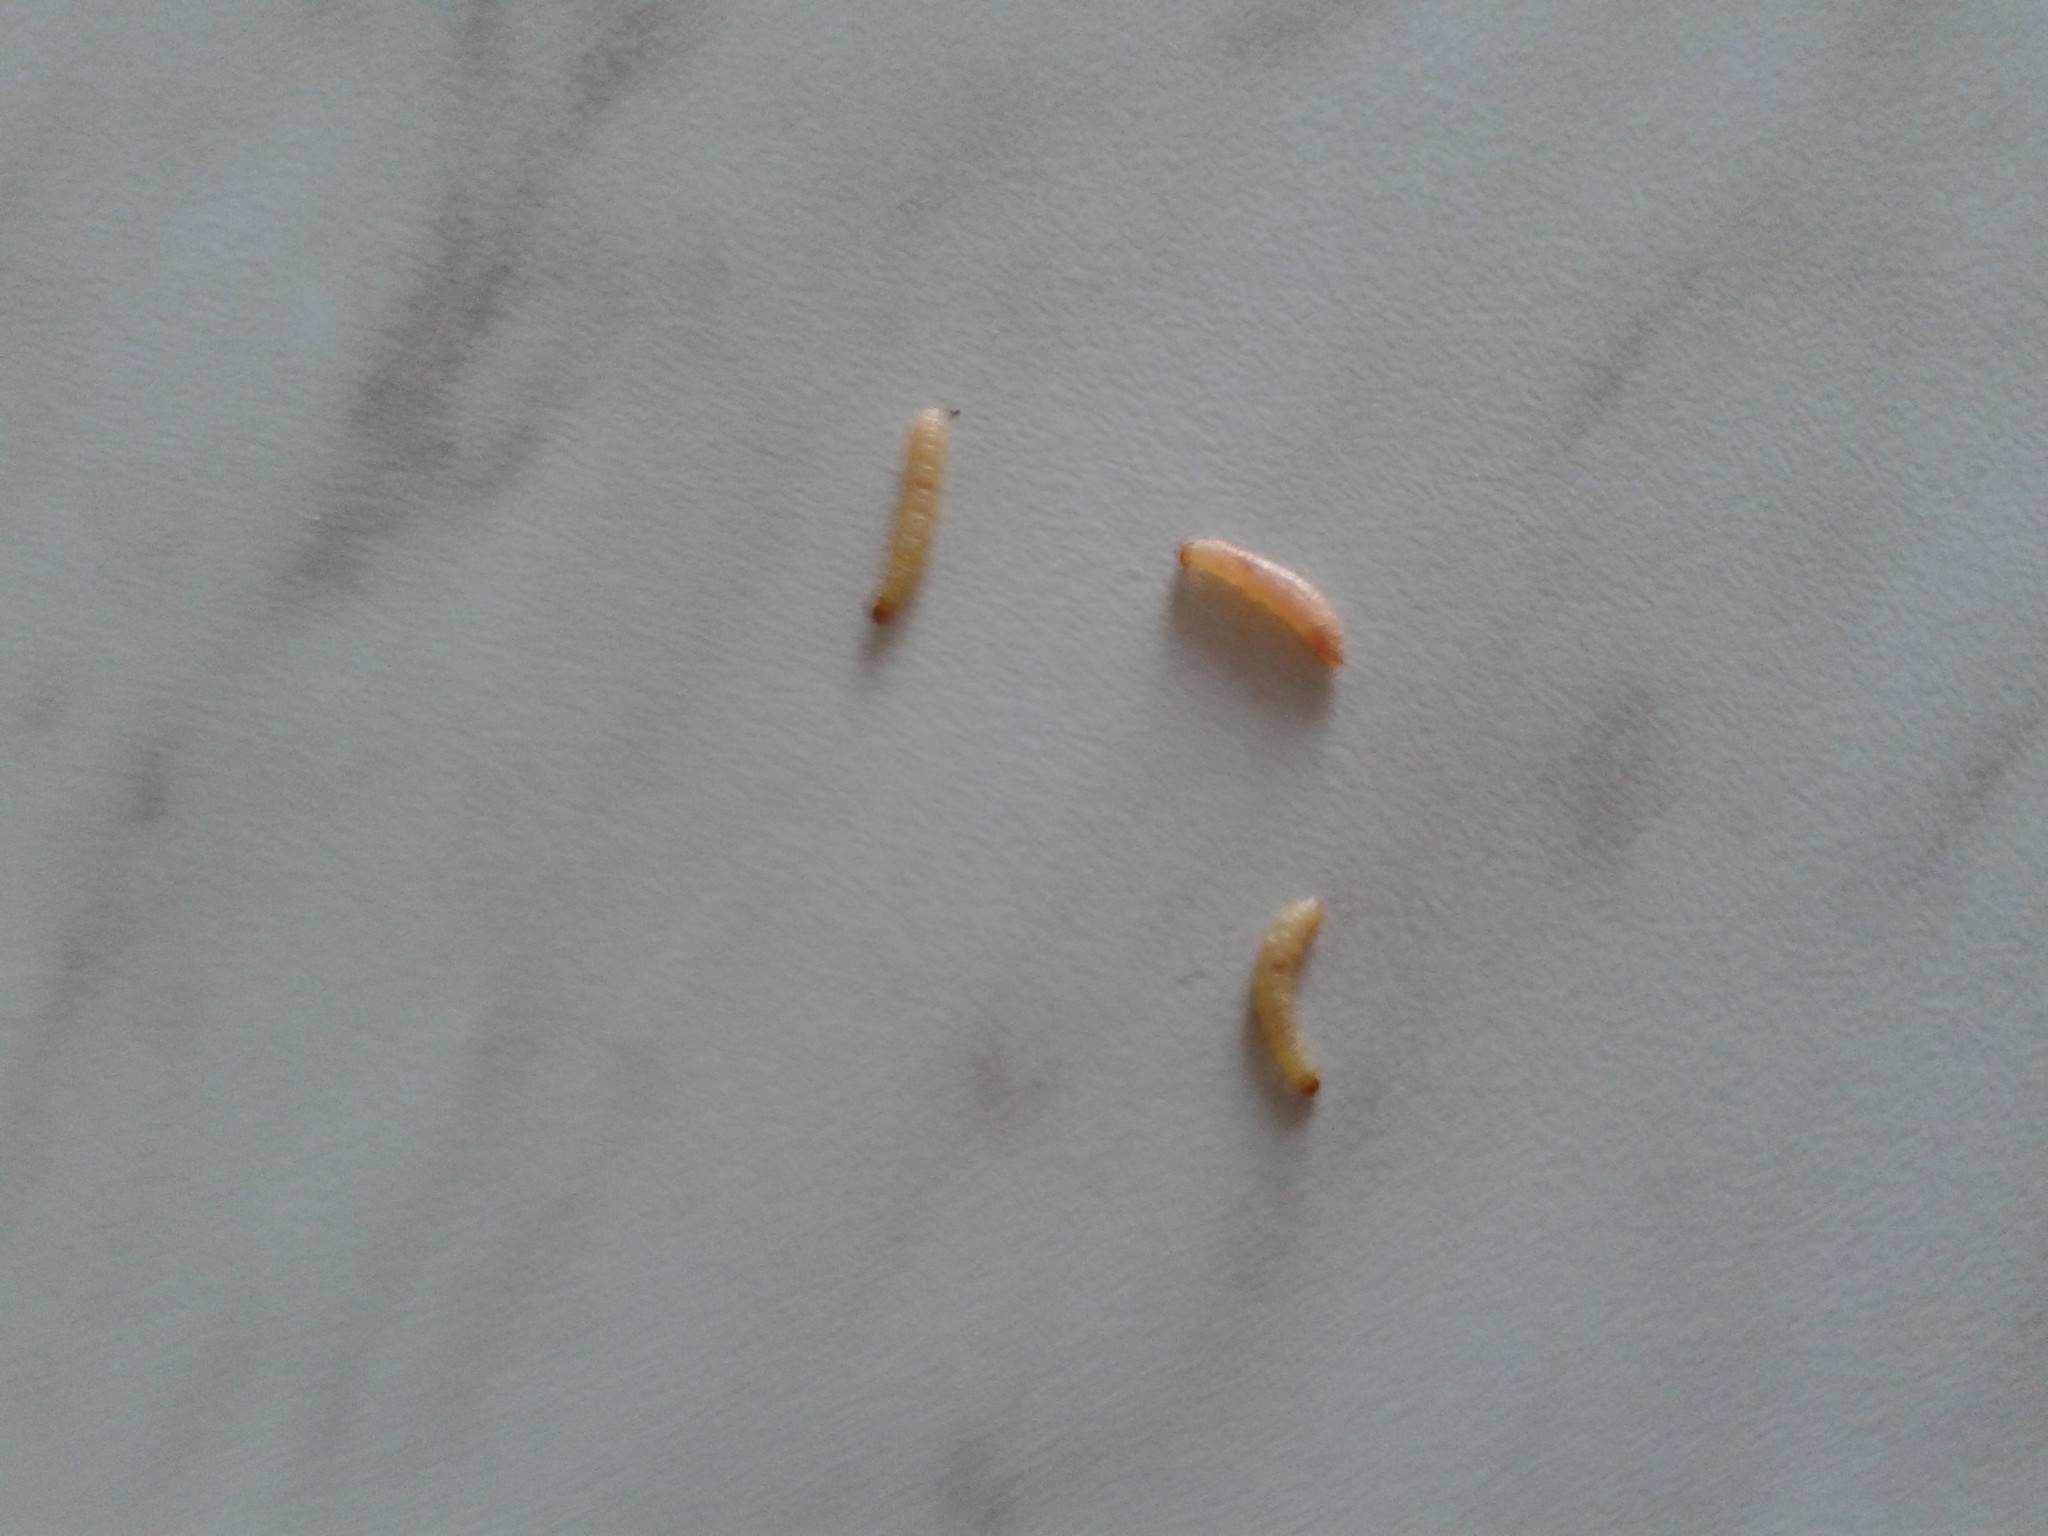 Белые червячки в кале у кошки, у кота из заднего прохода глисты фото